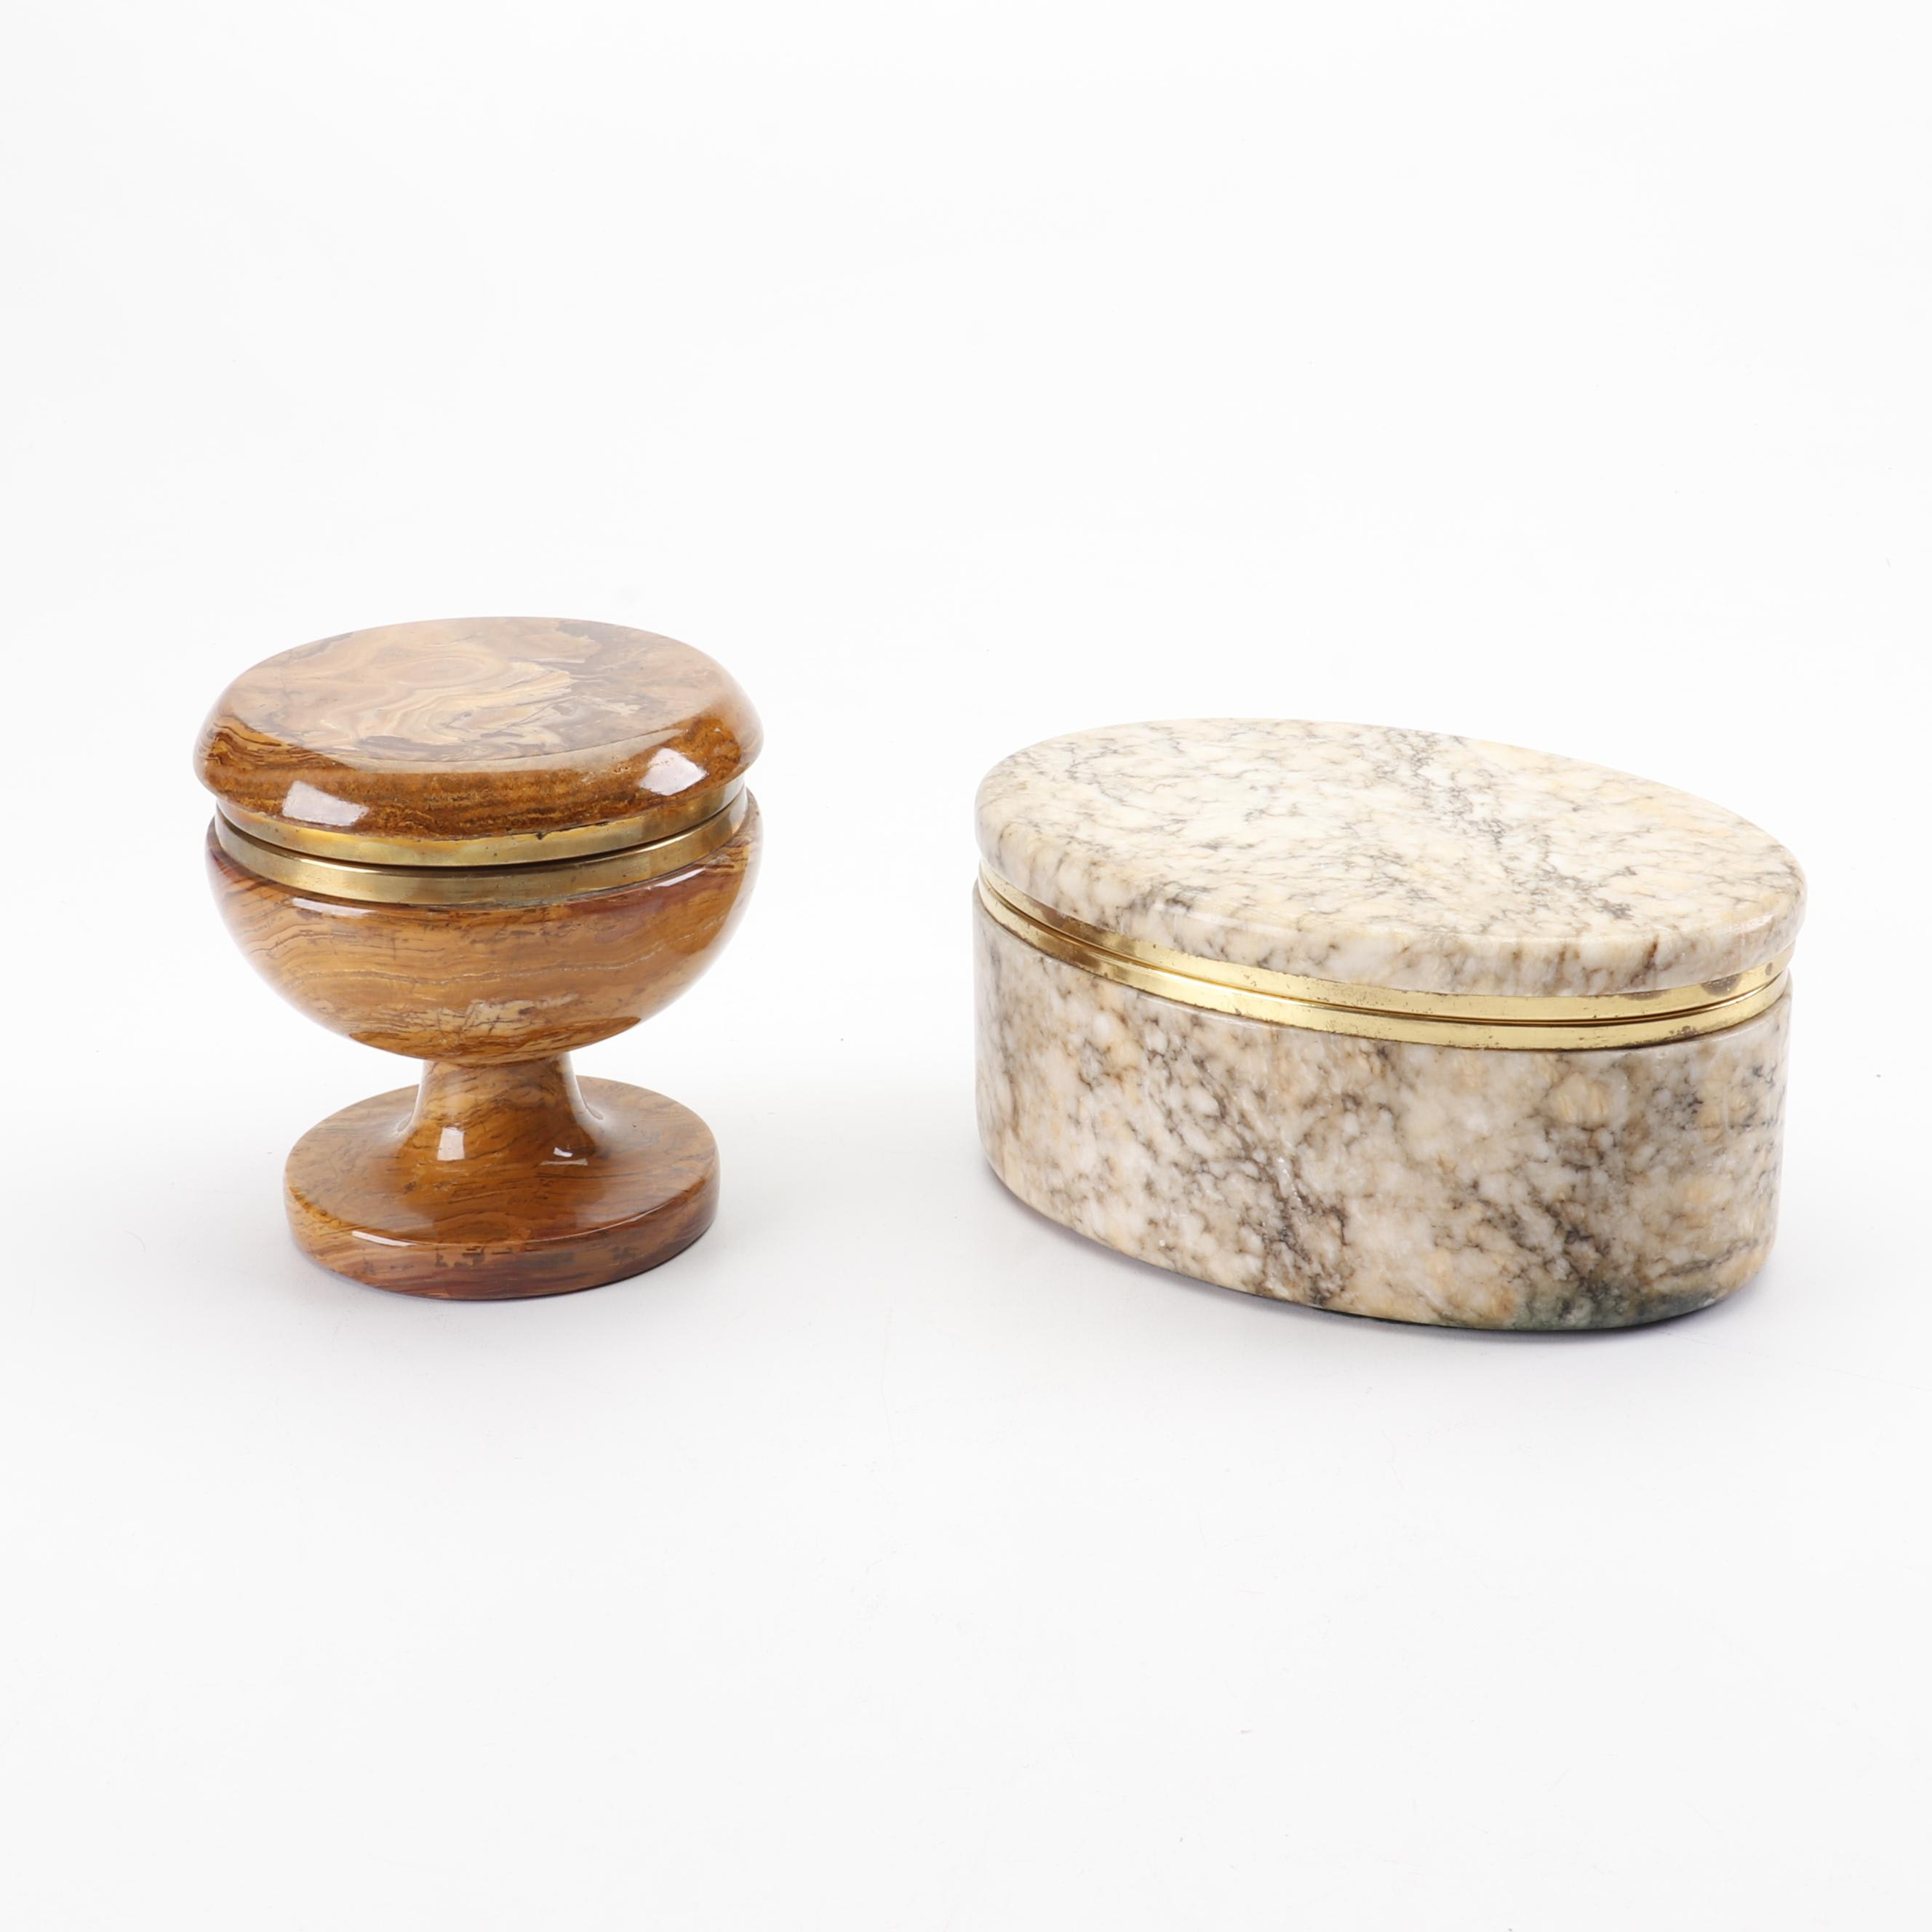 Agate Jar and Granite Box